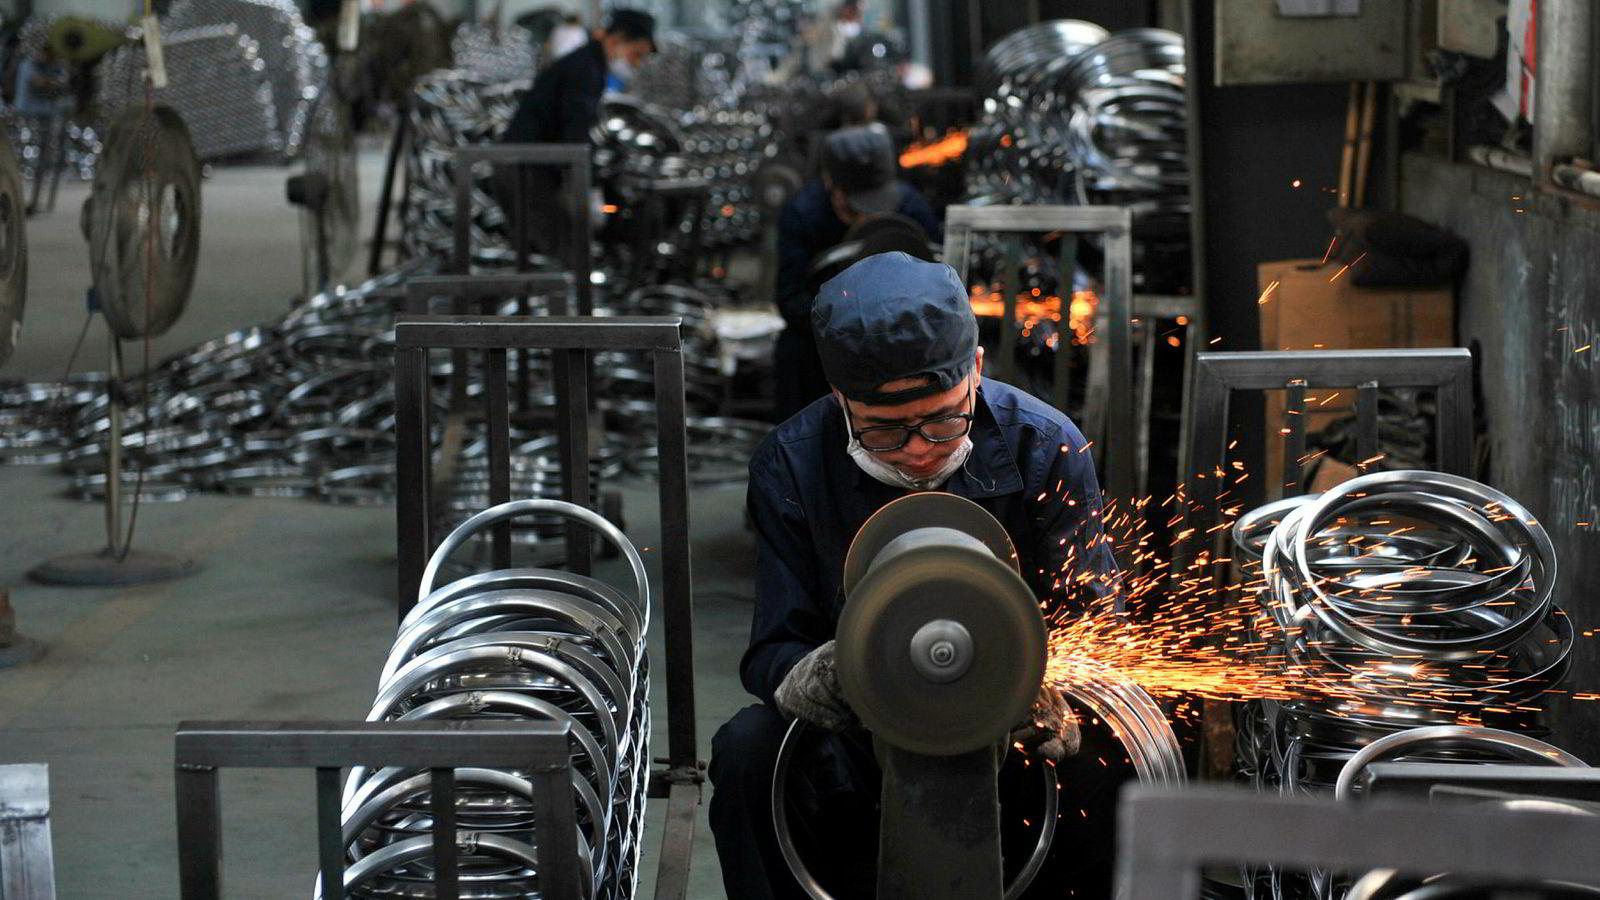 At Trump utsetter stål- og biltoll overfor viktige allierte, hjelper på det globale bildet. Men om noe understreker det dybden i motsetningsforholdet til Kina, skriver artikkelforfatter.